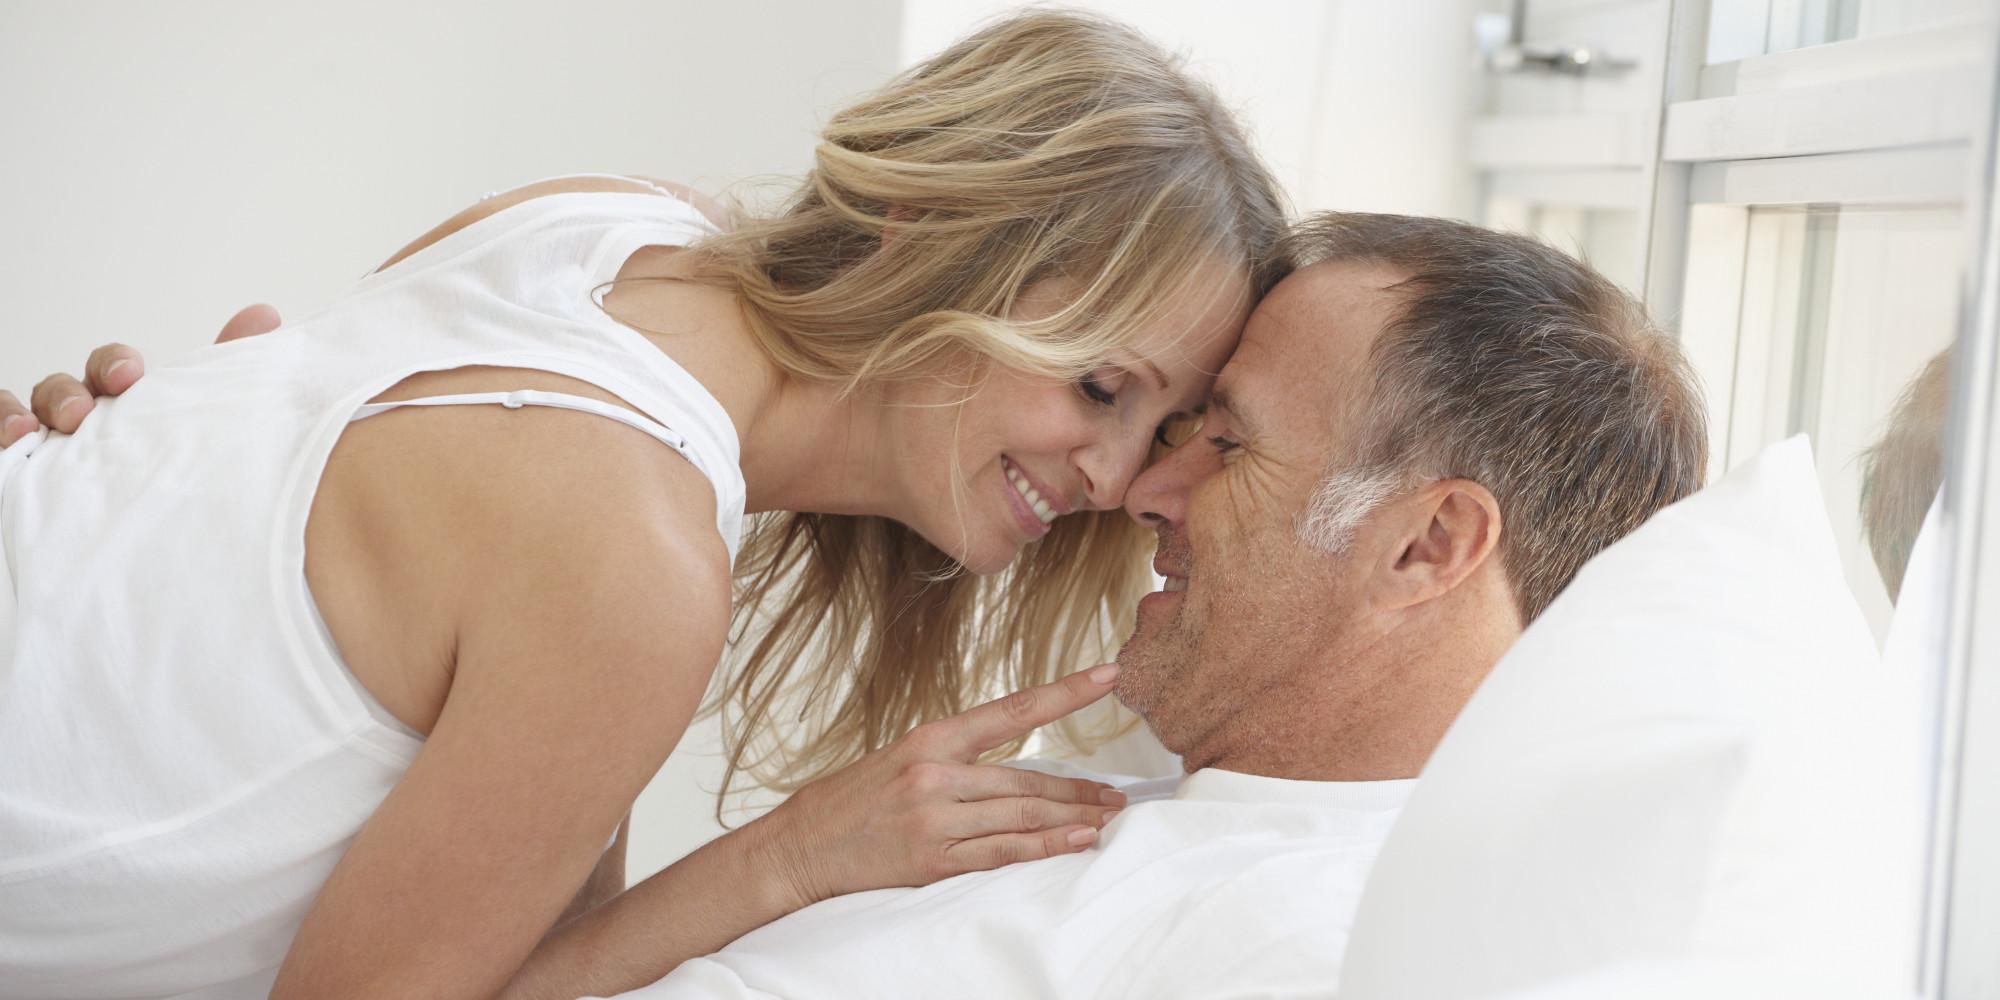 relationship tips for women